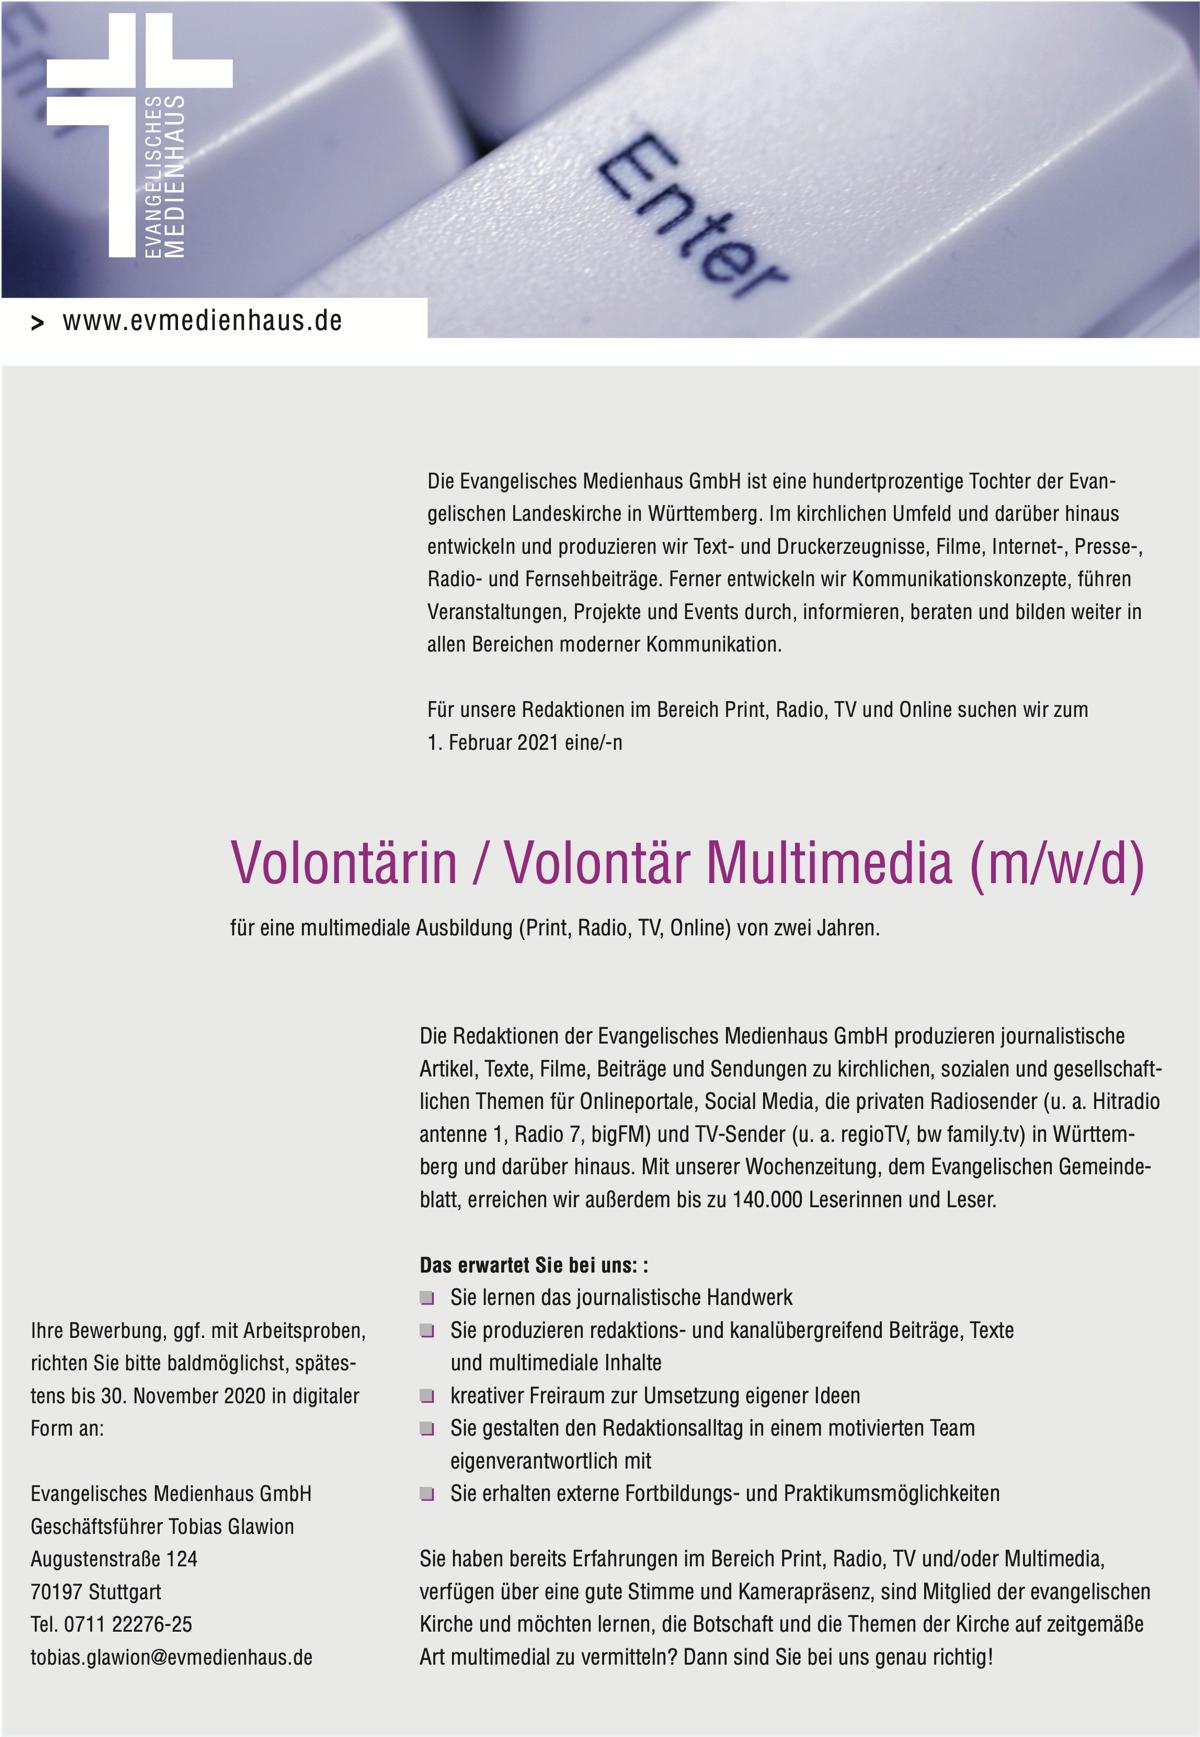 Die Evangelisches Medienhaus GmbH ist eine hundertprozentige Tochter der Evan- gelischen Landeskirche in Württemberg. Im kirchlichen Umfeld und darüber hinaus entwickeln und produzieren wir Text- und Druckerzeugnisse, Filme, Internet-, Presse-, Radio- und Fernsehbeiträge. Ferner entwickeln wir Kommunikationskonzepte, führen Veranstaltungen, Projekte und Events durch, informieren, beraten und bilden weiter in allen Bereichen moderner Kommunikation. Für unsere Redaktionen im Bereich Print, Radio, TV und Online suchen wir zum 1. Februar 2021 eine/-n Volontärin / Volontär Multimedia (m/w/d) für eine multimediale Ausbildung (Print, Radio, TV, Online) von zwei Jahren. Die Redaktionen der Evangelisches Medienhaus GmbH produzieren journalistische Artikel, Texte, Filme, Beiträge und Sendungen zu kirchlichen, sozialen und gesellschaft- lichen Themen für Onlineportale, Social Media, die privaten Radiosender (u. a. Hitradio antenne 1, Radio 7, bigFM) und TV-Sender (u. a. regioTV, bw family.tv) in Württem- berg und darüber hinaus. Mit unserer Wochenzeitung, dem Evangelischen Gemeinde- blatt, erreichen wir außerdem bis zu 140.000 Leserinnen und Leser. Das erwartet Sie bei uns: : Sie lernen das journalistische Handwerk Sie produzieren redaktions- und kanalübergreifend Beiträge, Texte und multimediale Inhalte kreativer Freiraum zur Umsetzung eigener Ideen Sie gestalten den Redaktionsalltag in einem motivierten Team eigenverantwortlich mit Sie erhalten externe Fortbildungs- und Praktikumsmöglichkeiten Sie haben bereits Erfahrungen im Bereich Print, Radio, TV und/oder Multimedia, verfügen über eine gute Stimme und Kamerapräsenz, sind Mitglied der evangelischen Kirche und möchten lernen, die Botschaft und die Themen der Kirche auf zeitgemäße Art multimedial zu vermitteln? Dann sind Sie bei uns genau richtig!